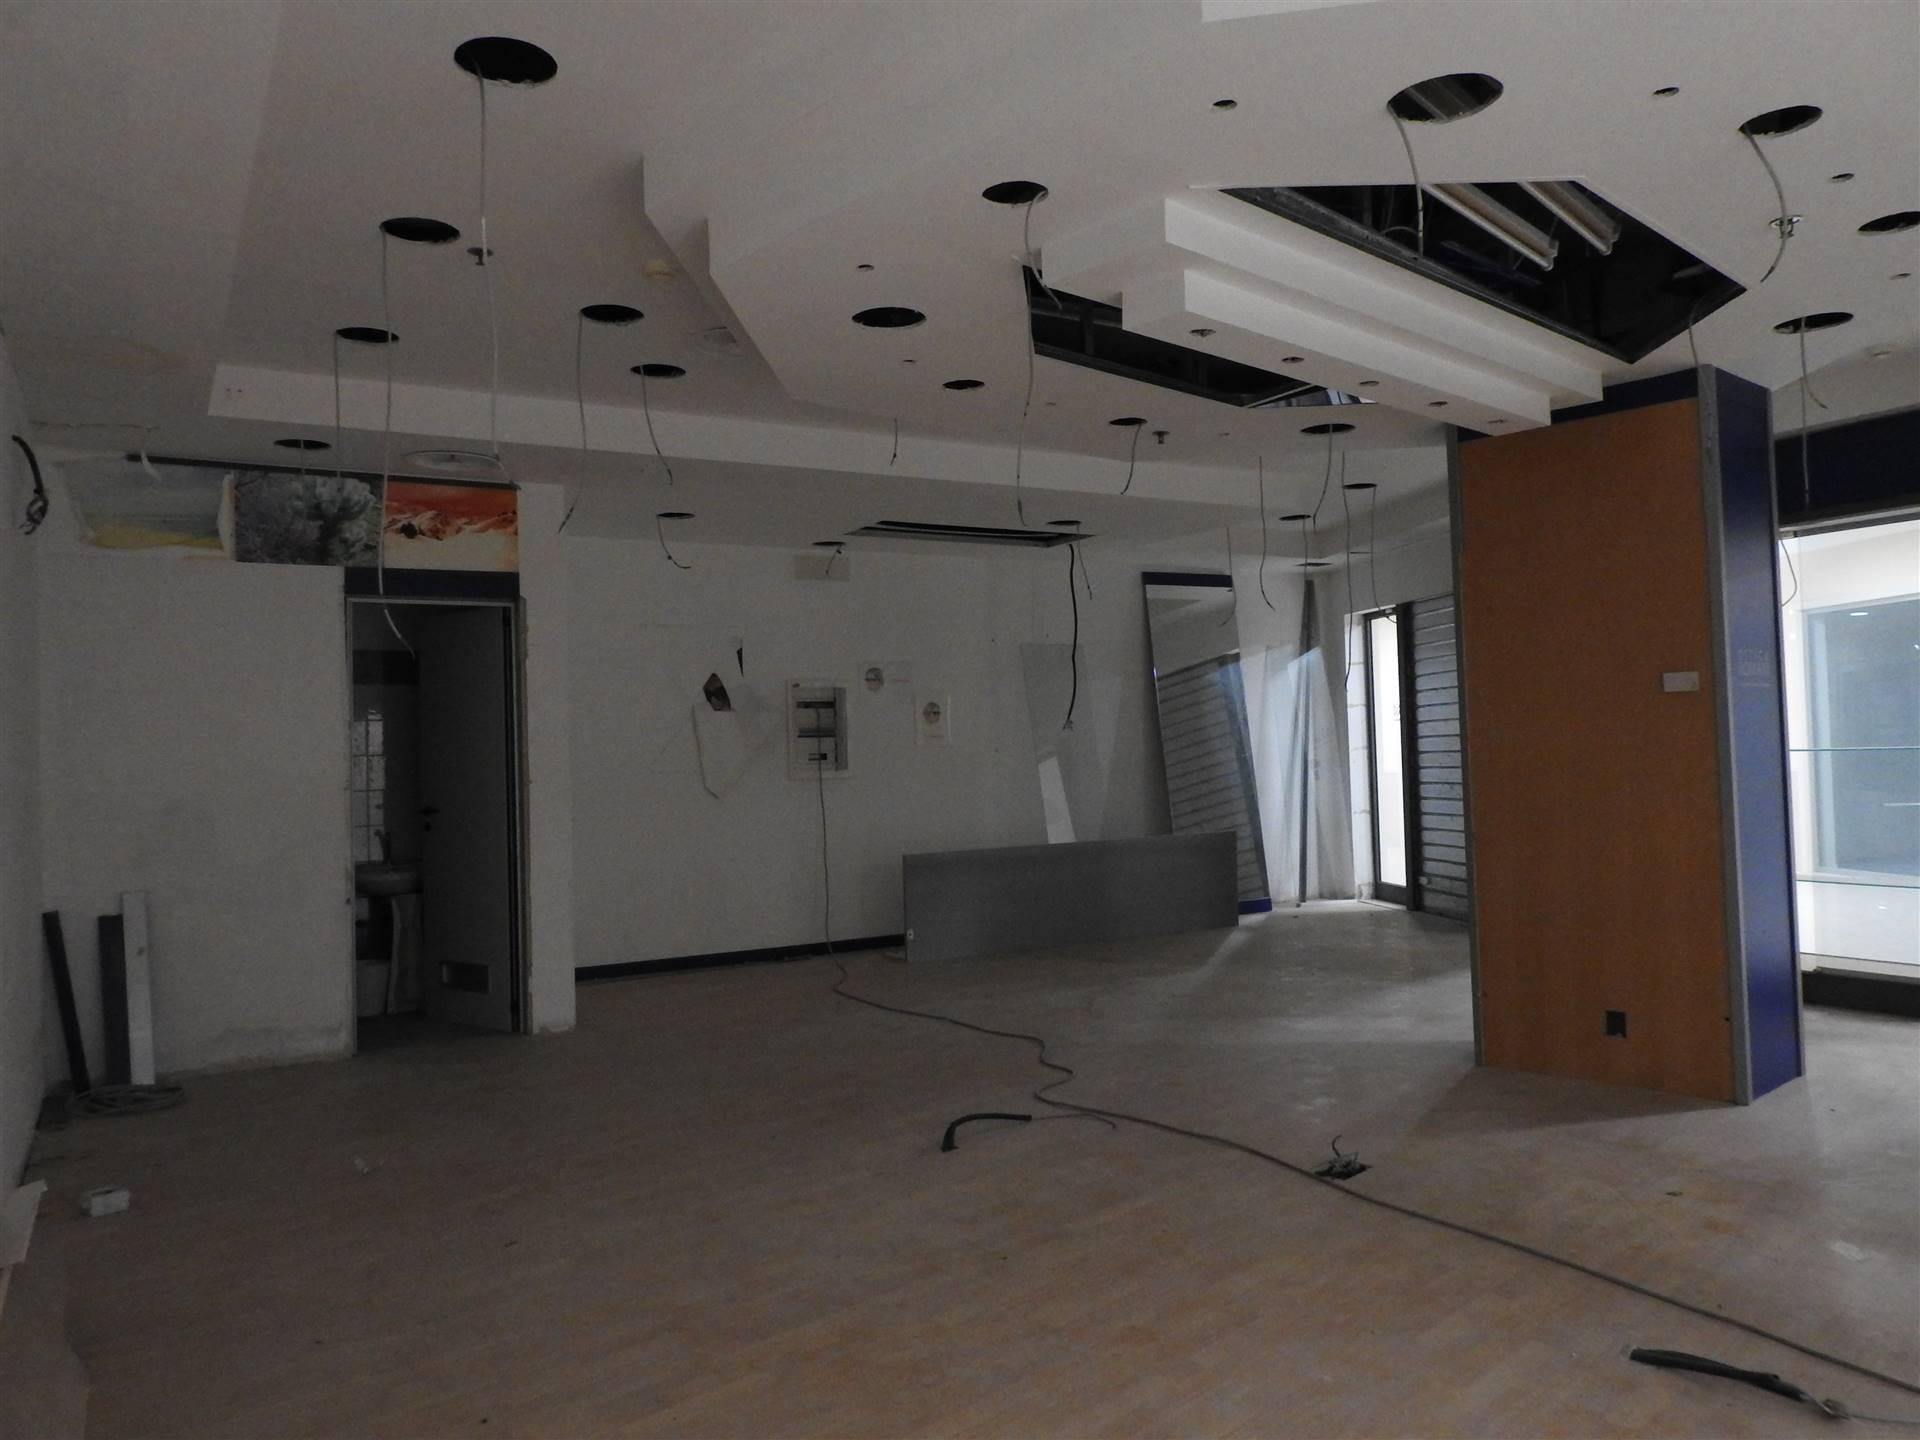 Locale Commerciale di 80 mq disposto al primo piano del Centro Commerciale I Mulini. L'immobile si compone di due entrate ed è collegato al pian